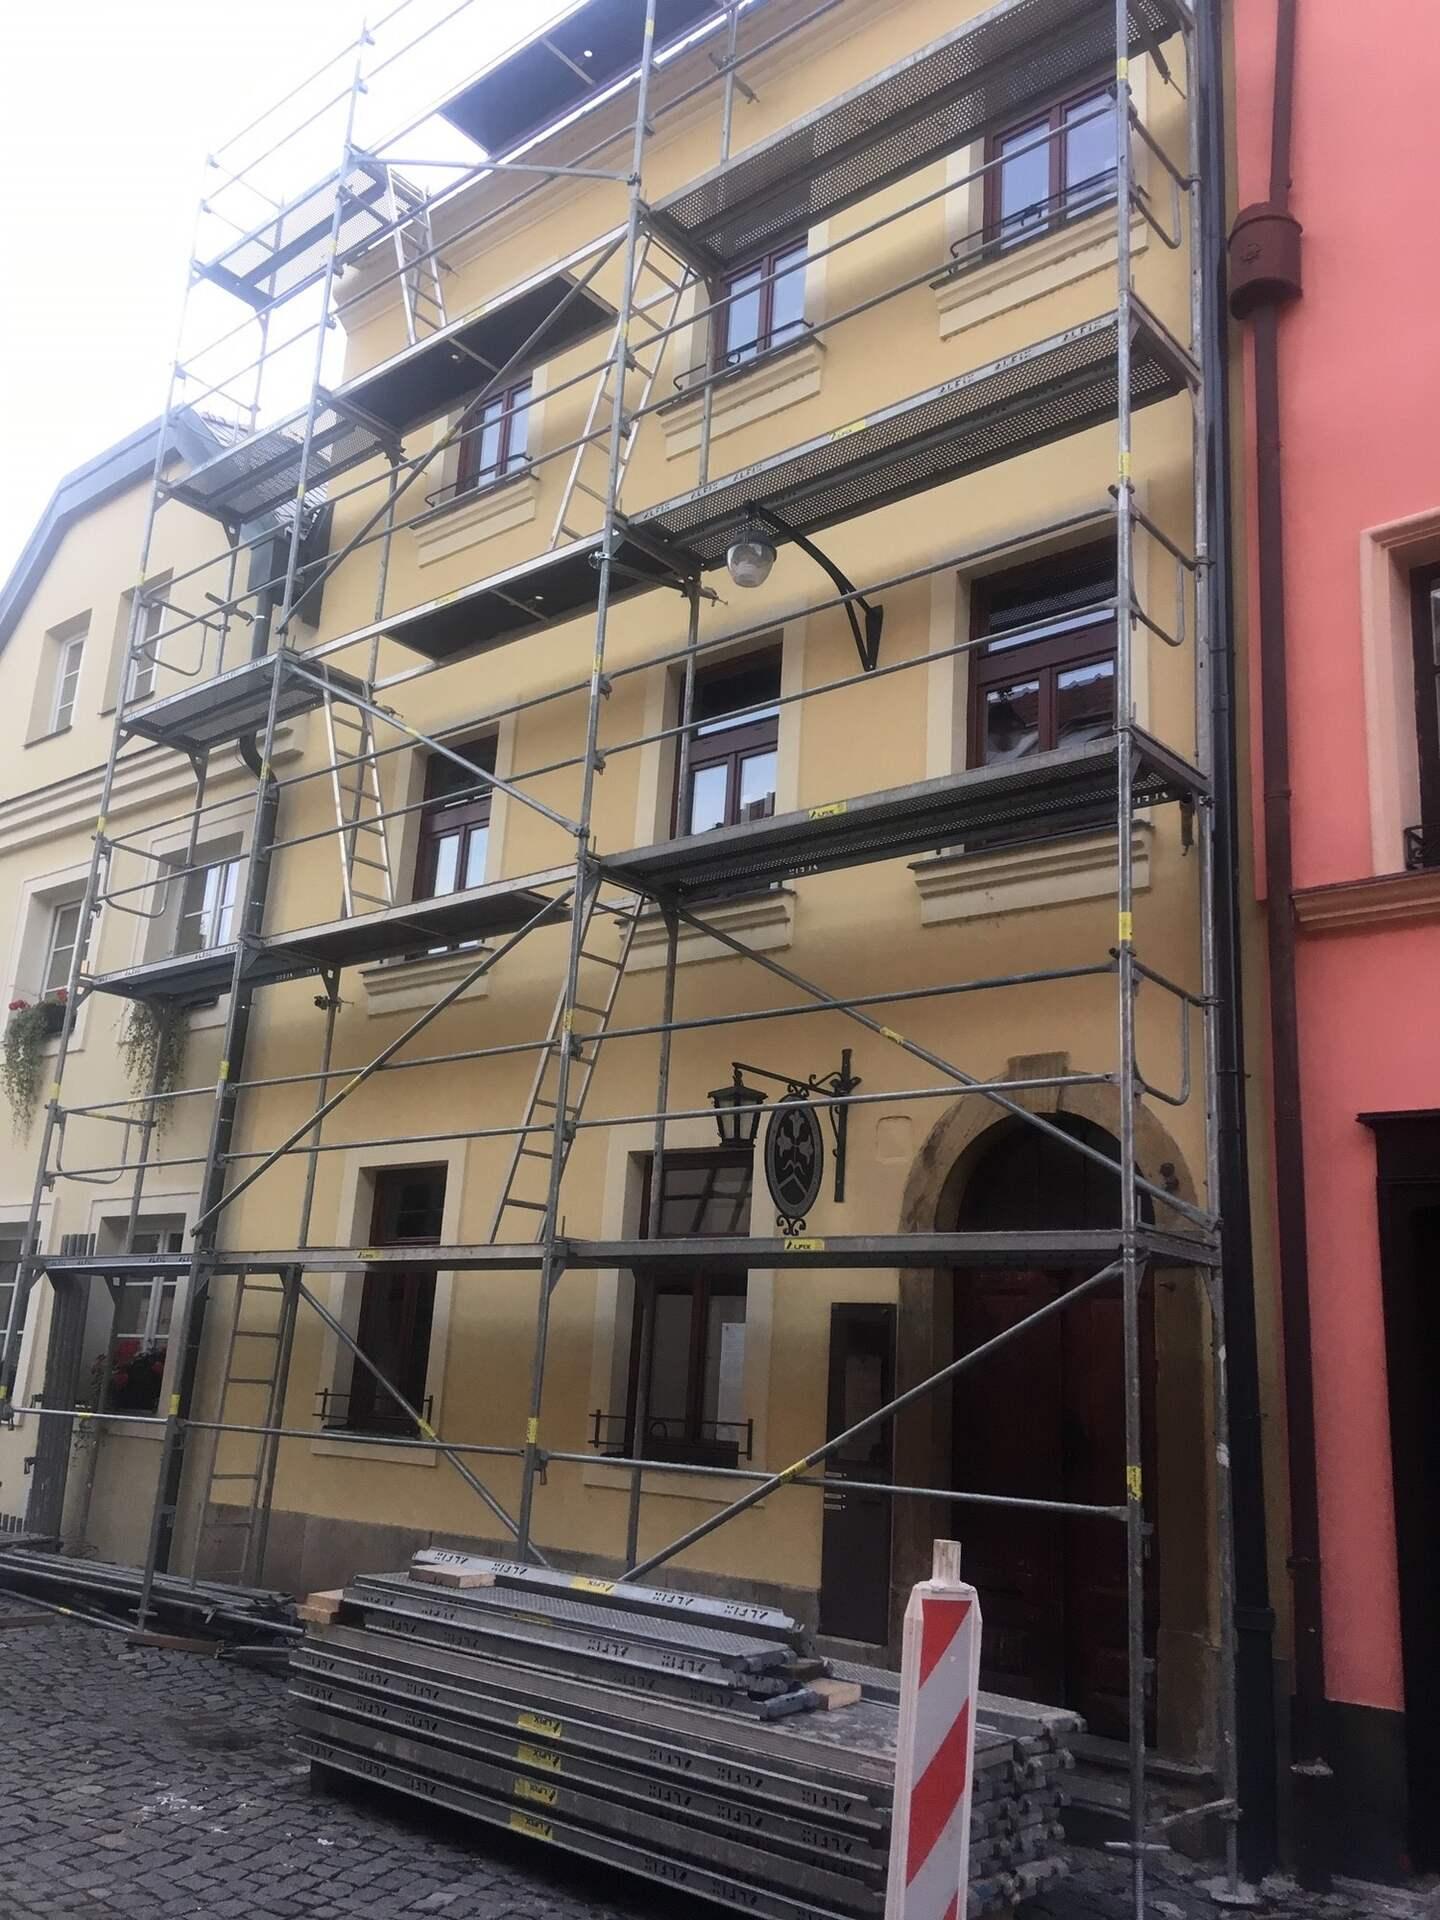 Rekonstrukce měšťanského domu v památkové zóně v Olomouci